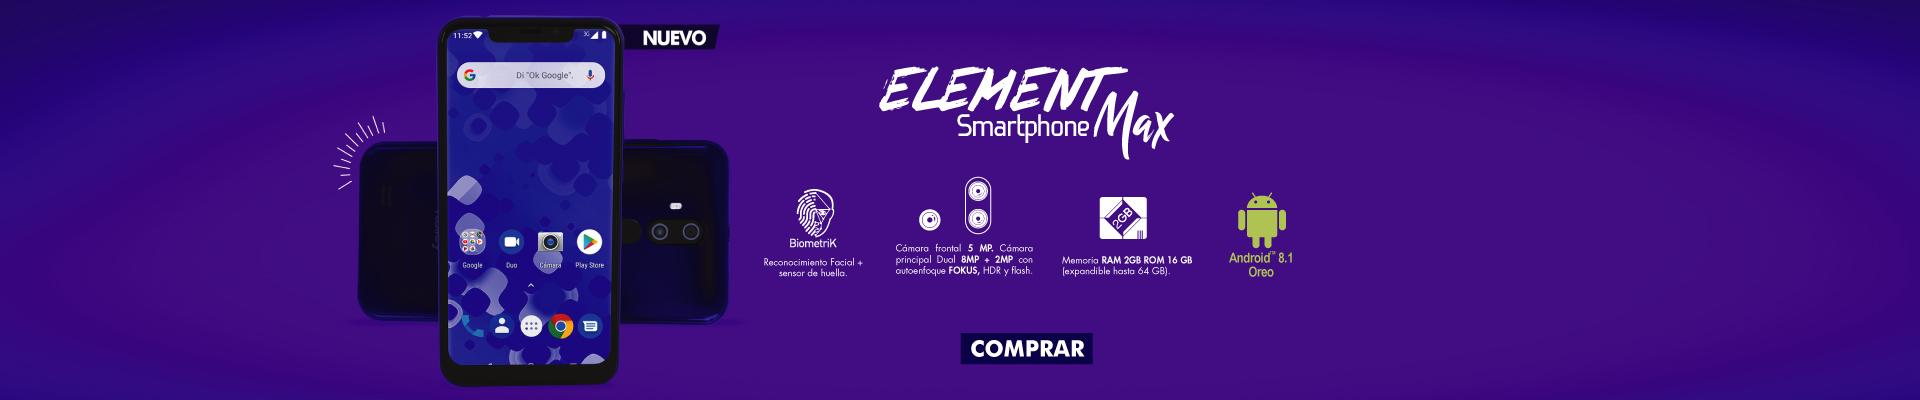 BP ALKP element max